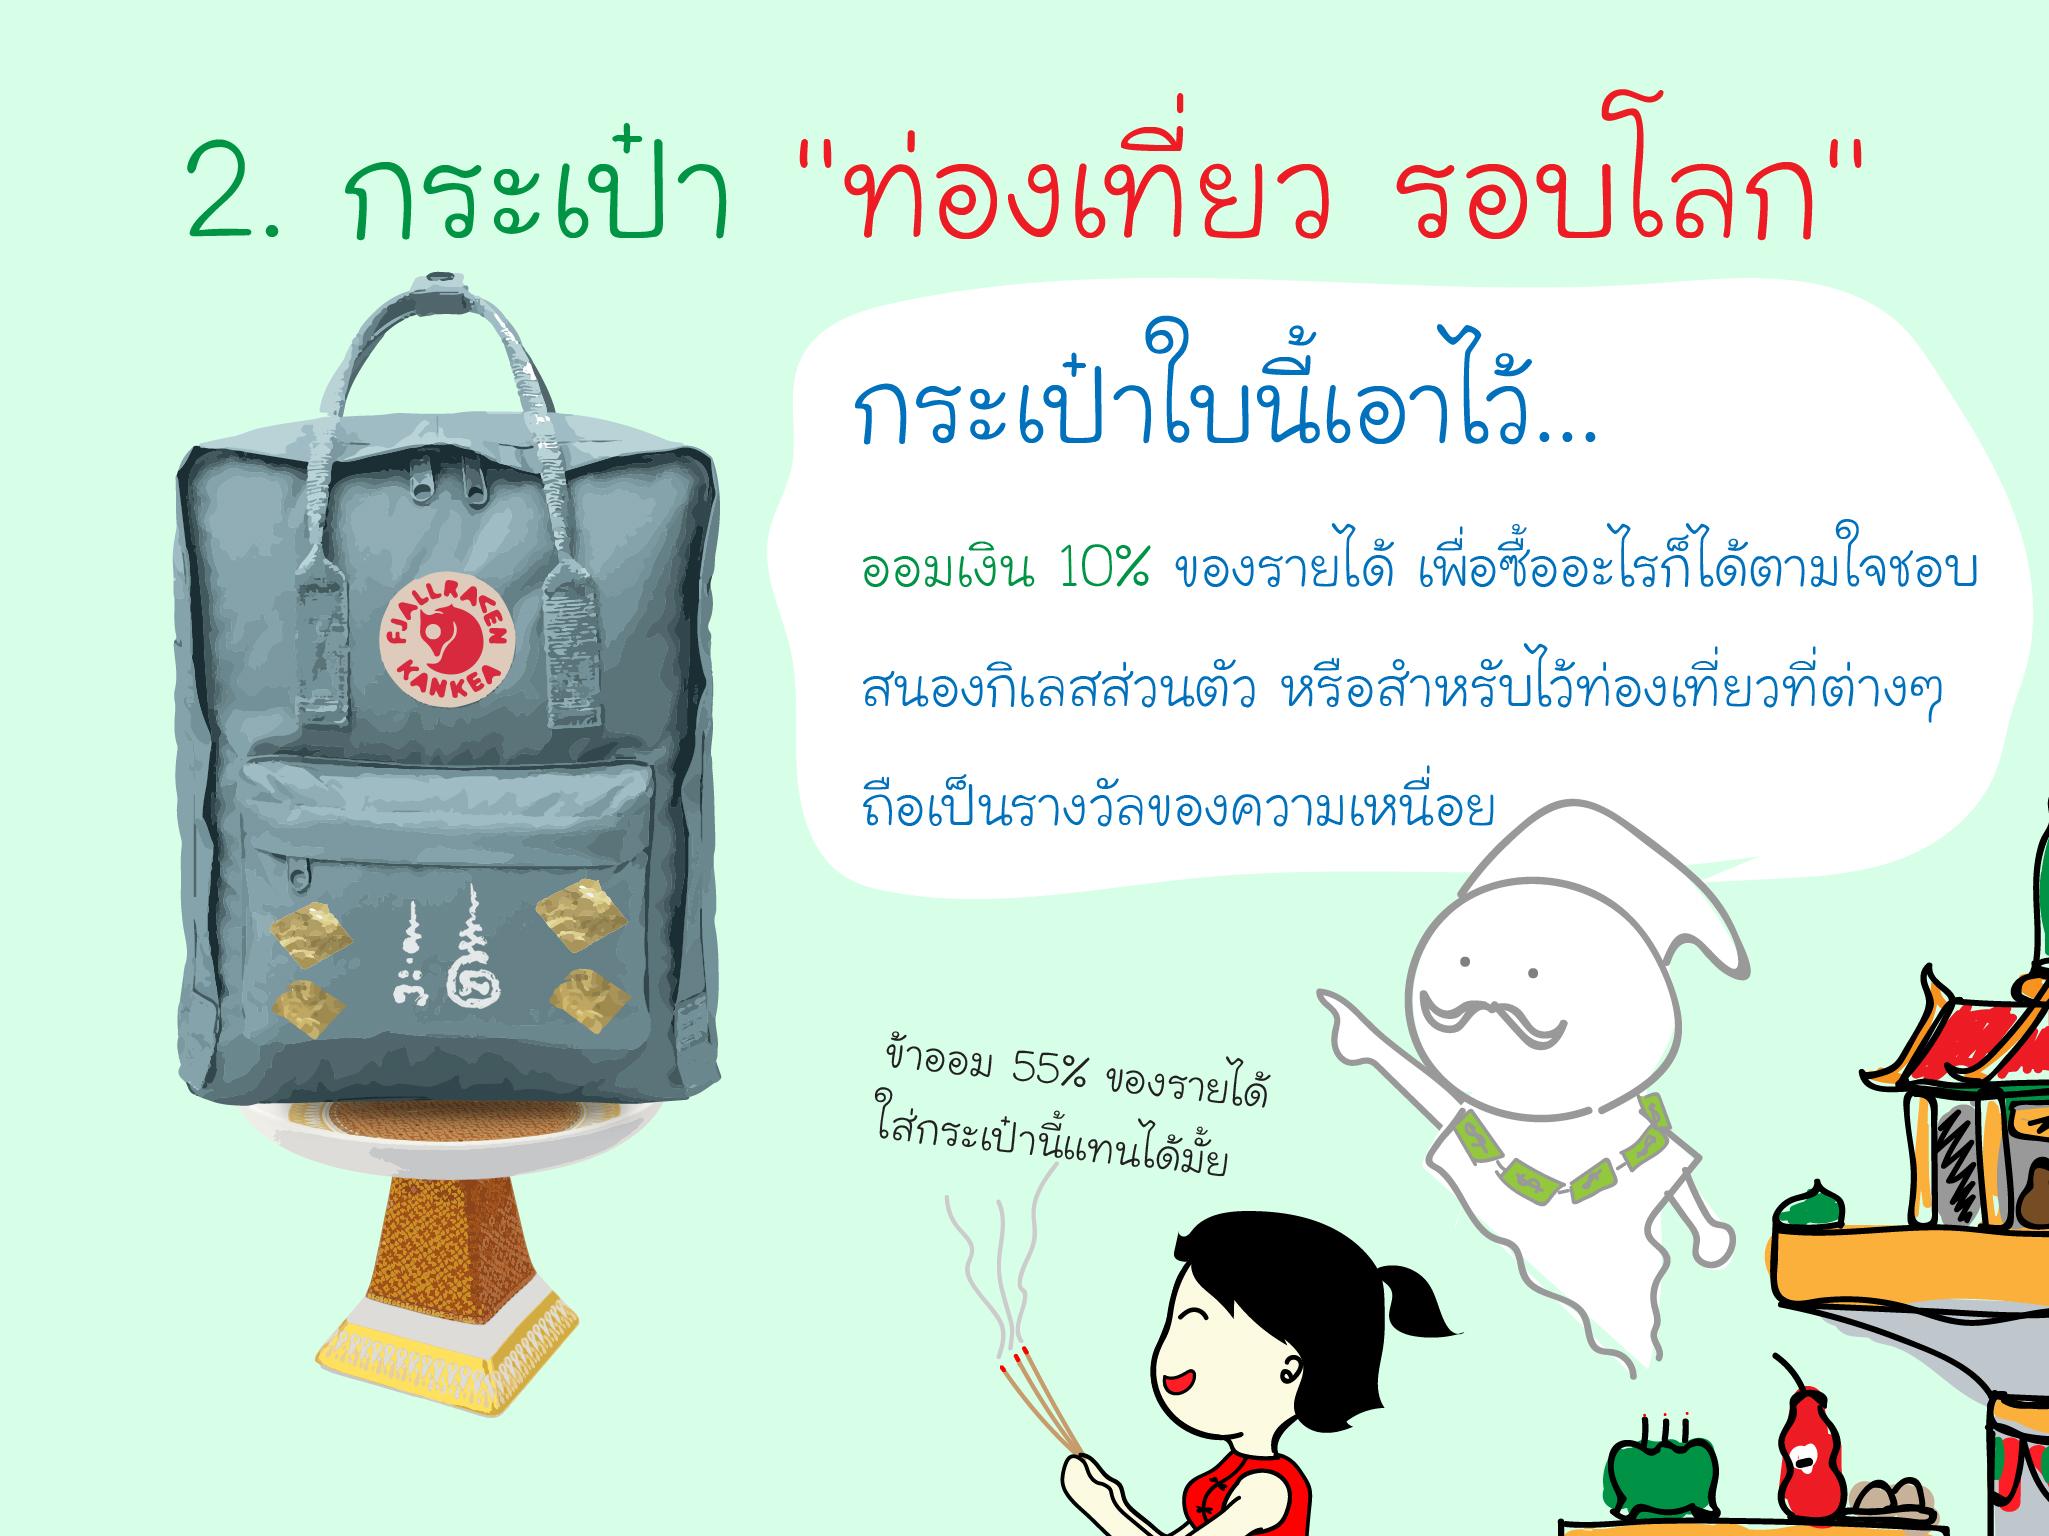 ศาลเจ้าพ่อลงทุน - กระเป๋ามหามงคล-04